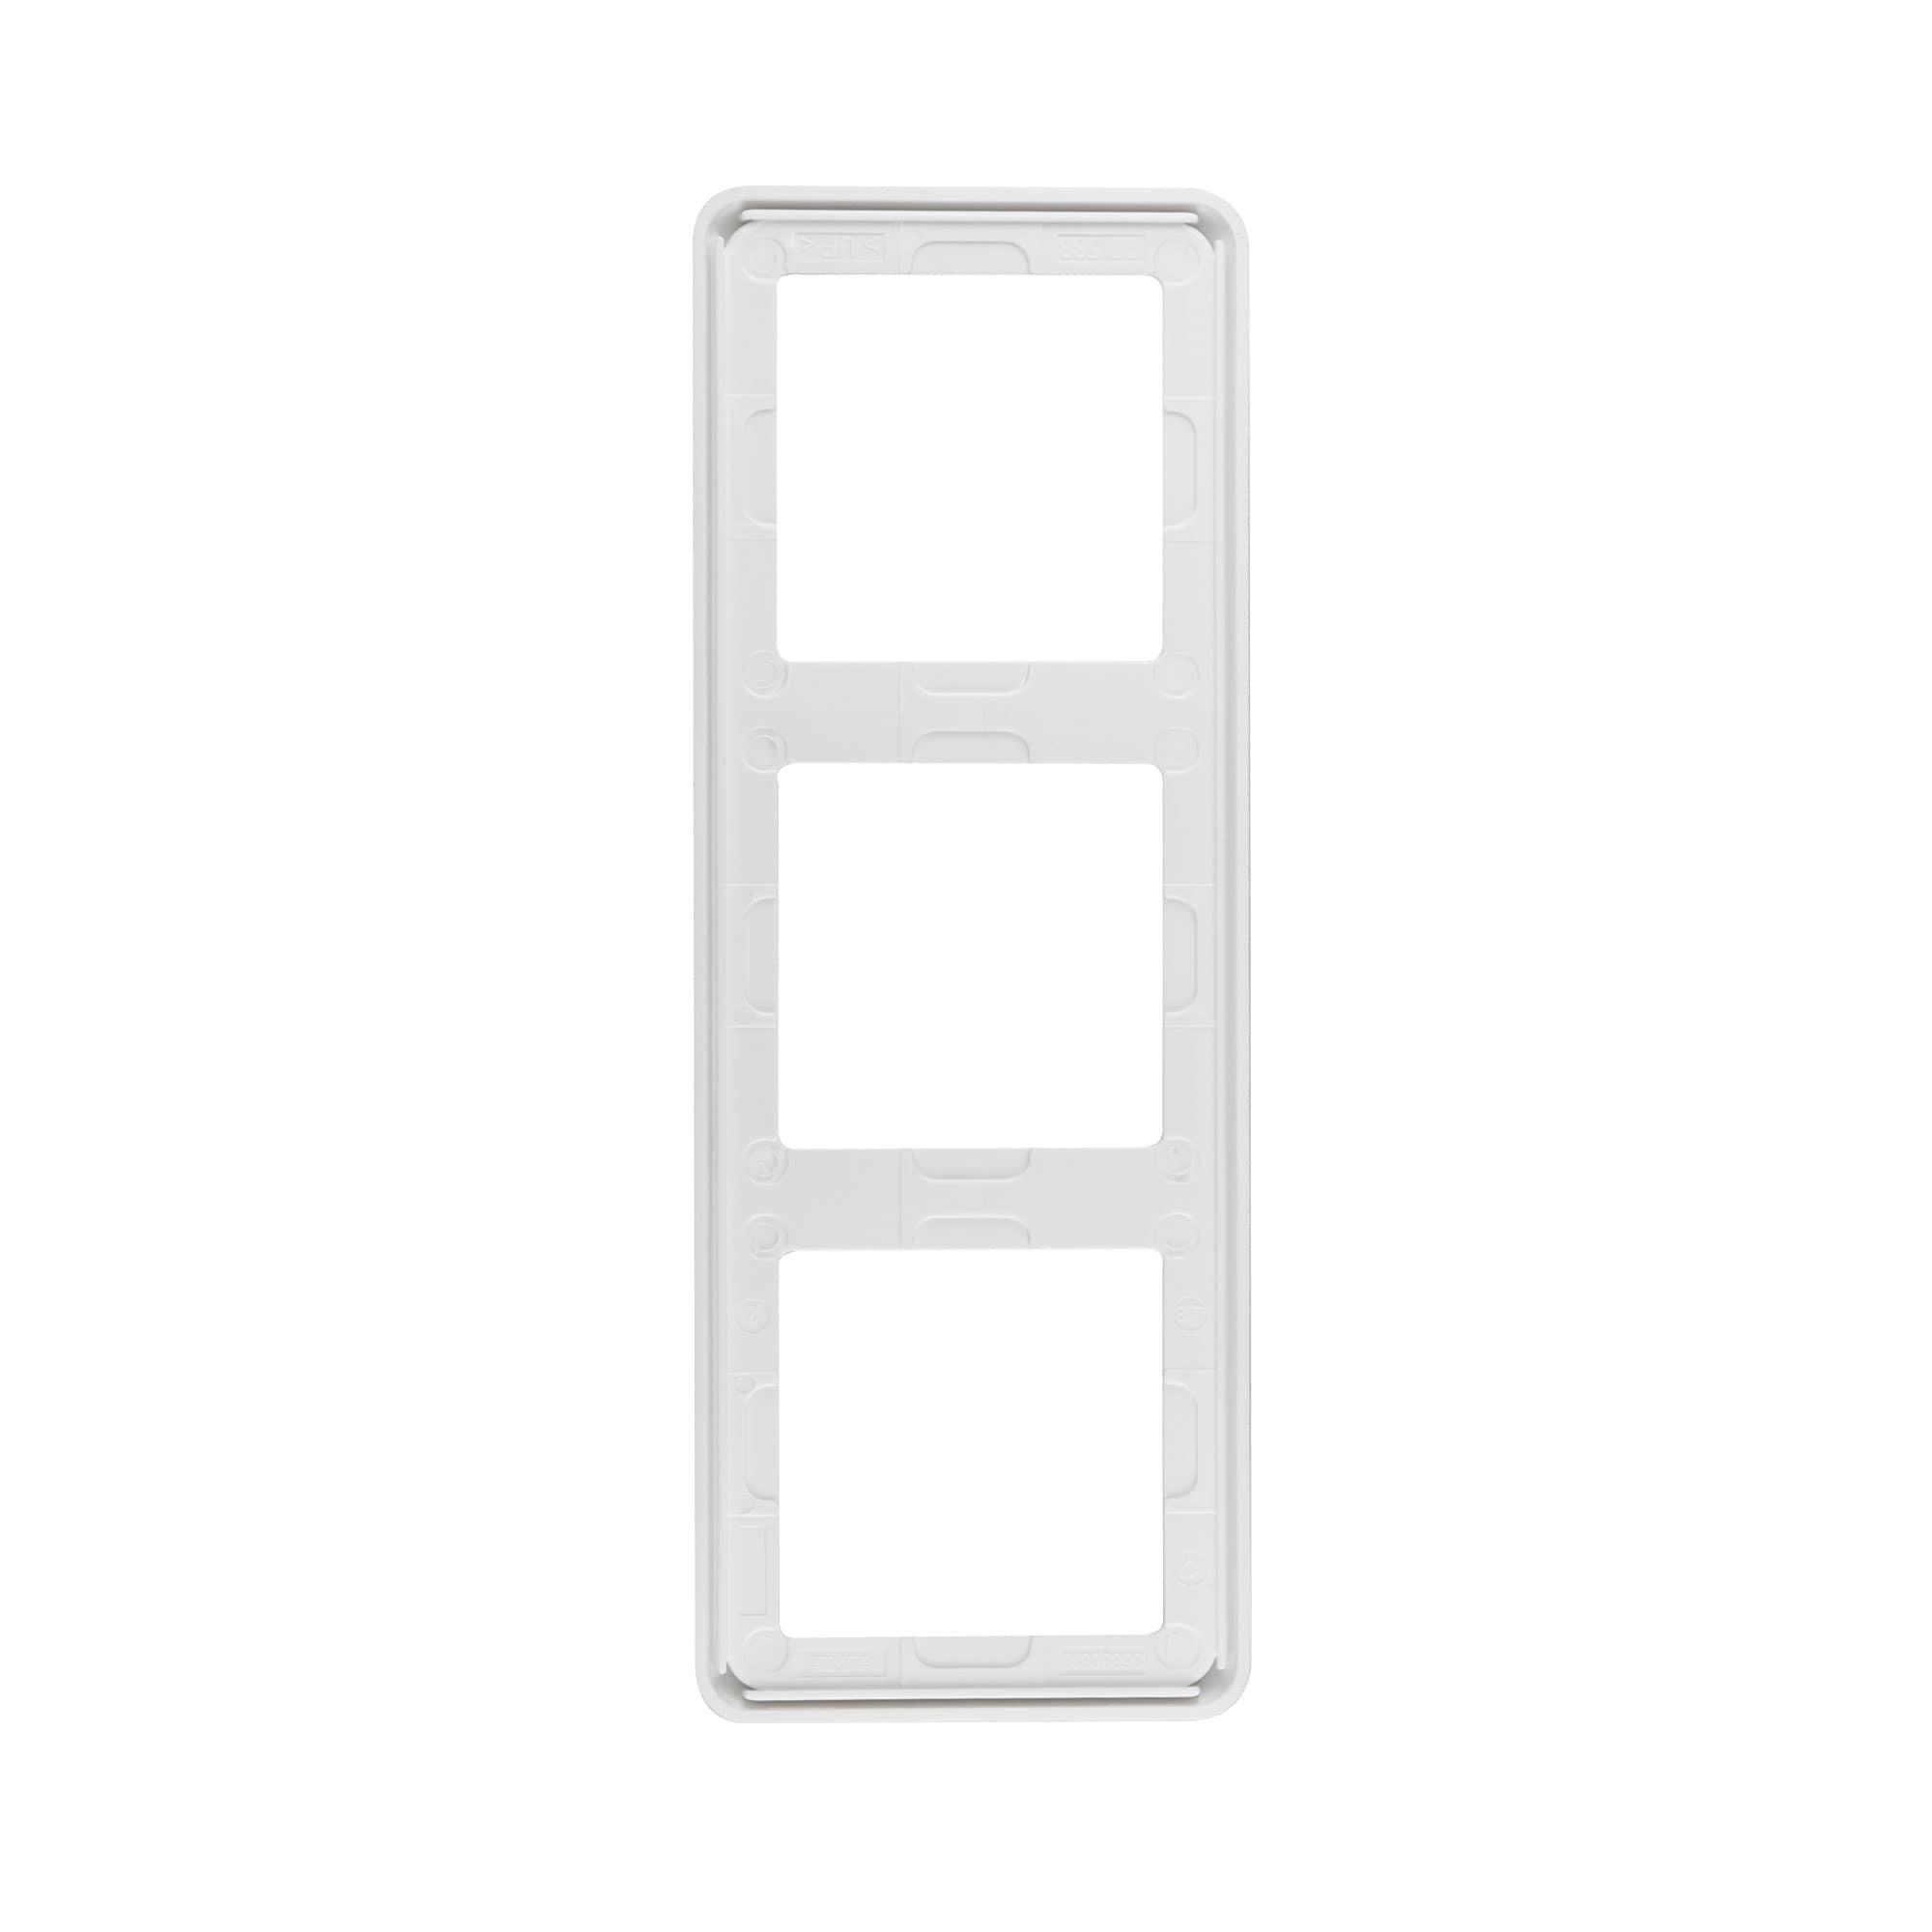 jung cd 500 rahmen schuko steckdose schalter wippe taster. Black Bedroom Furniture Sets. Home Design Ideas